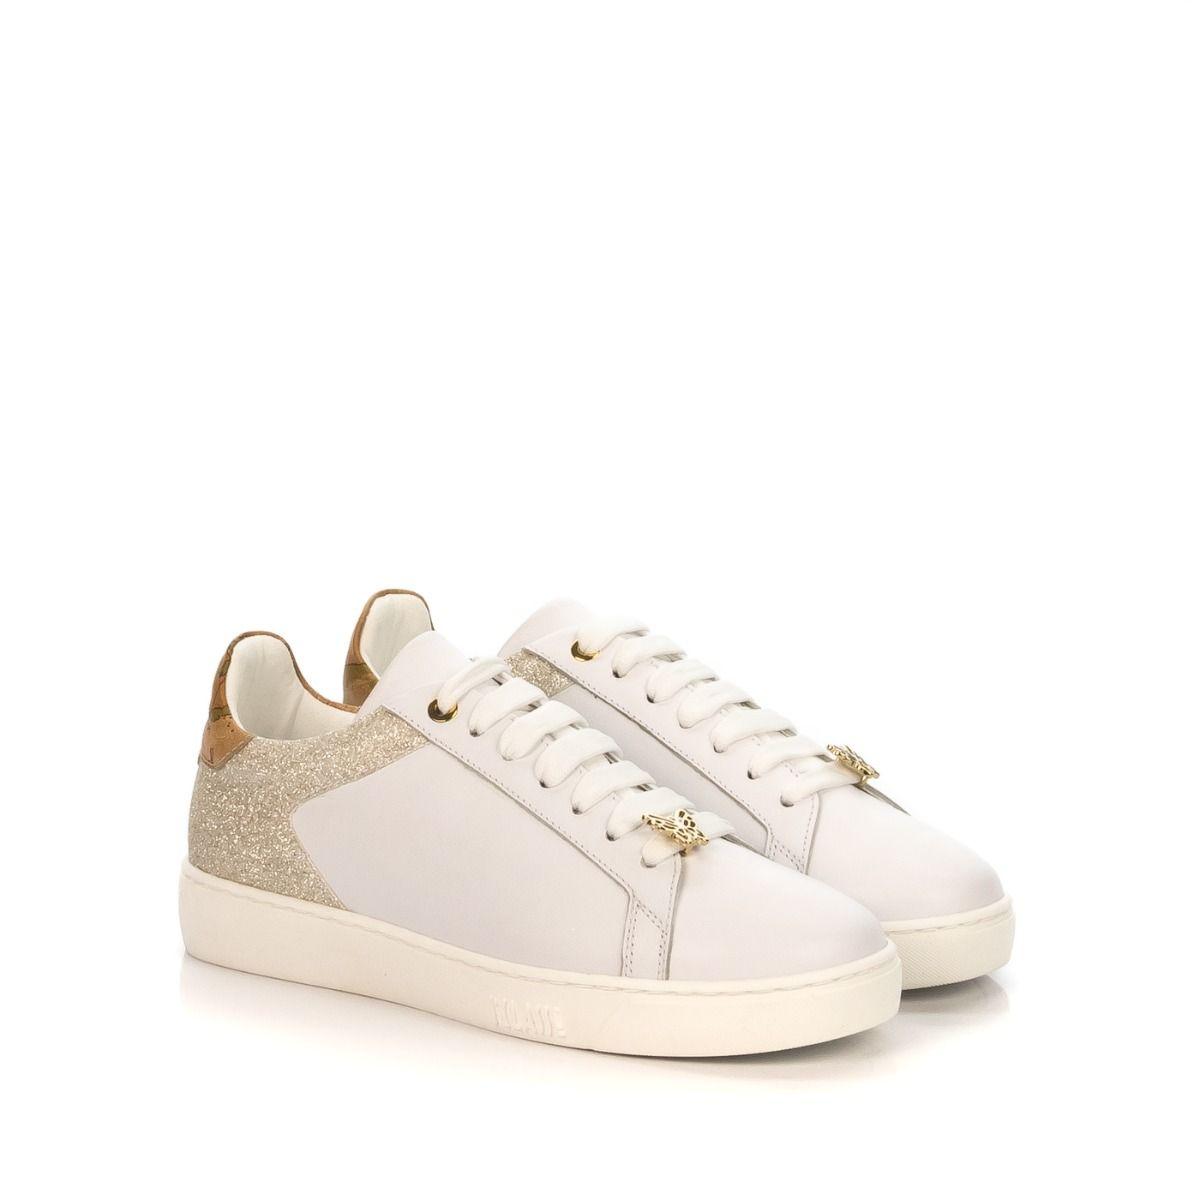 353339d0e1d597 Sneakers donna ALVIERO MARTINI 1 CLASSE P751346F-900 pelle bianca tallone  glitter